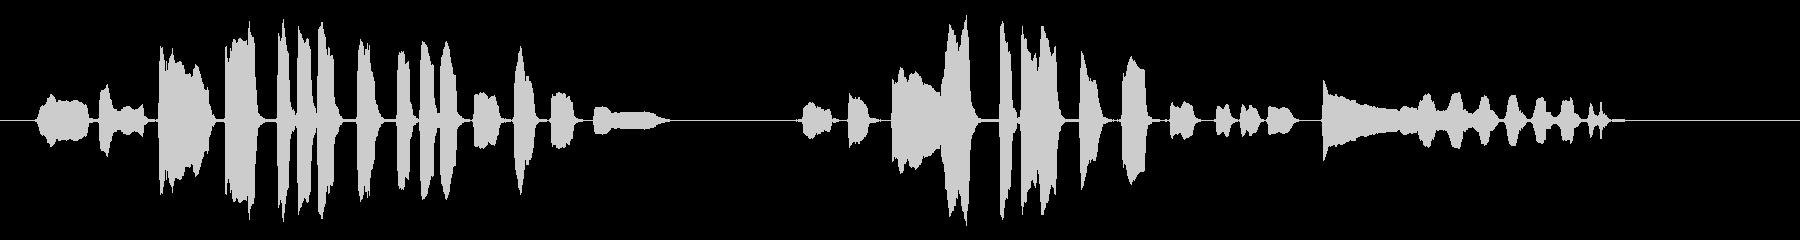 バリトンサックス:アクセントをトラ...の未再生の波形